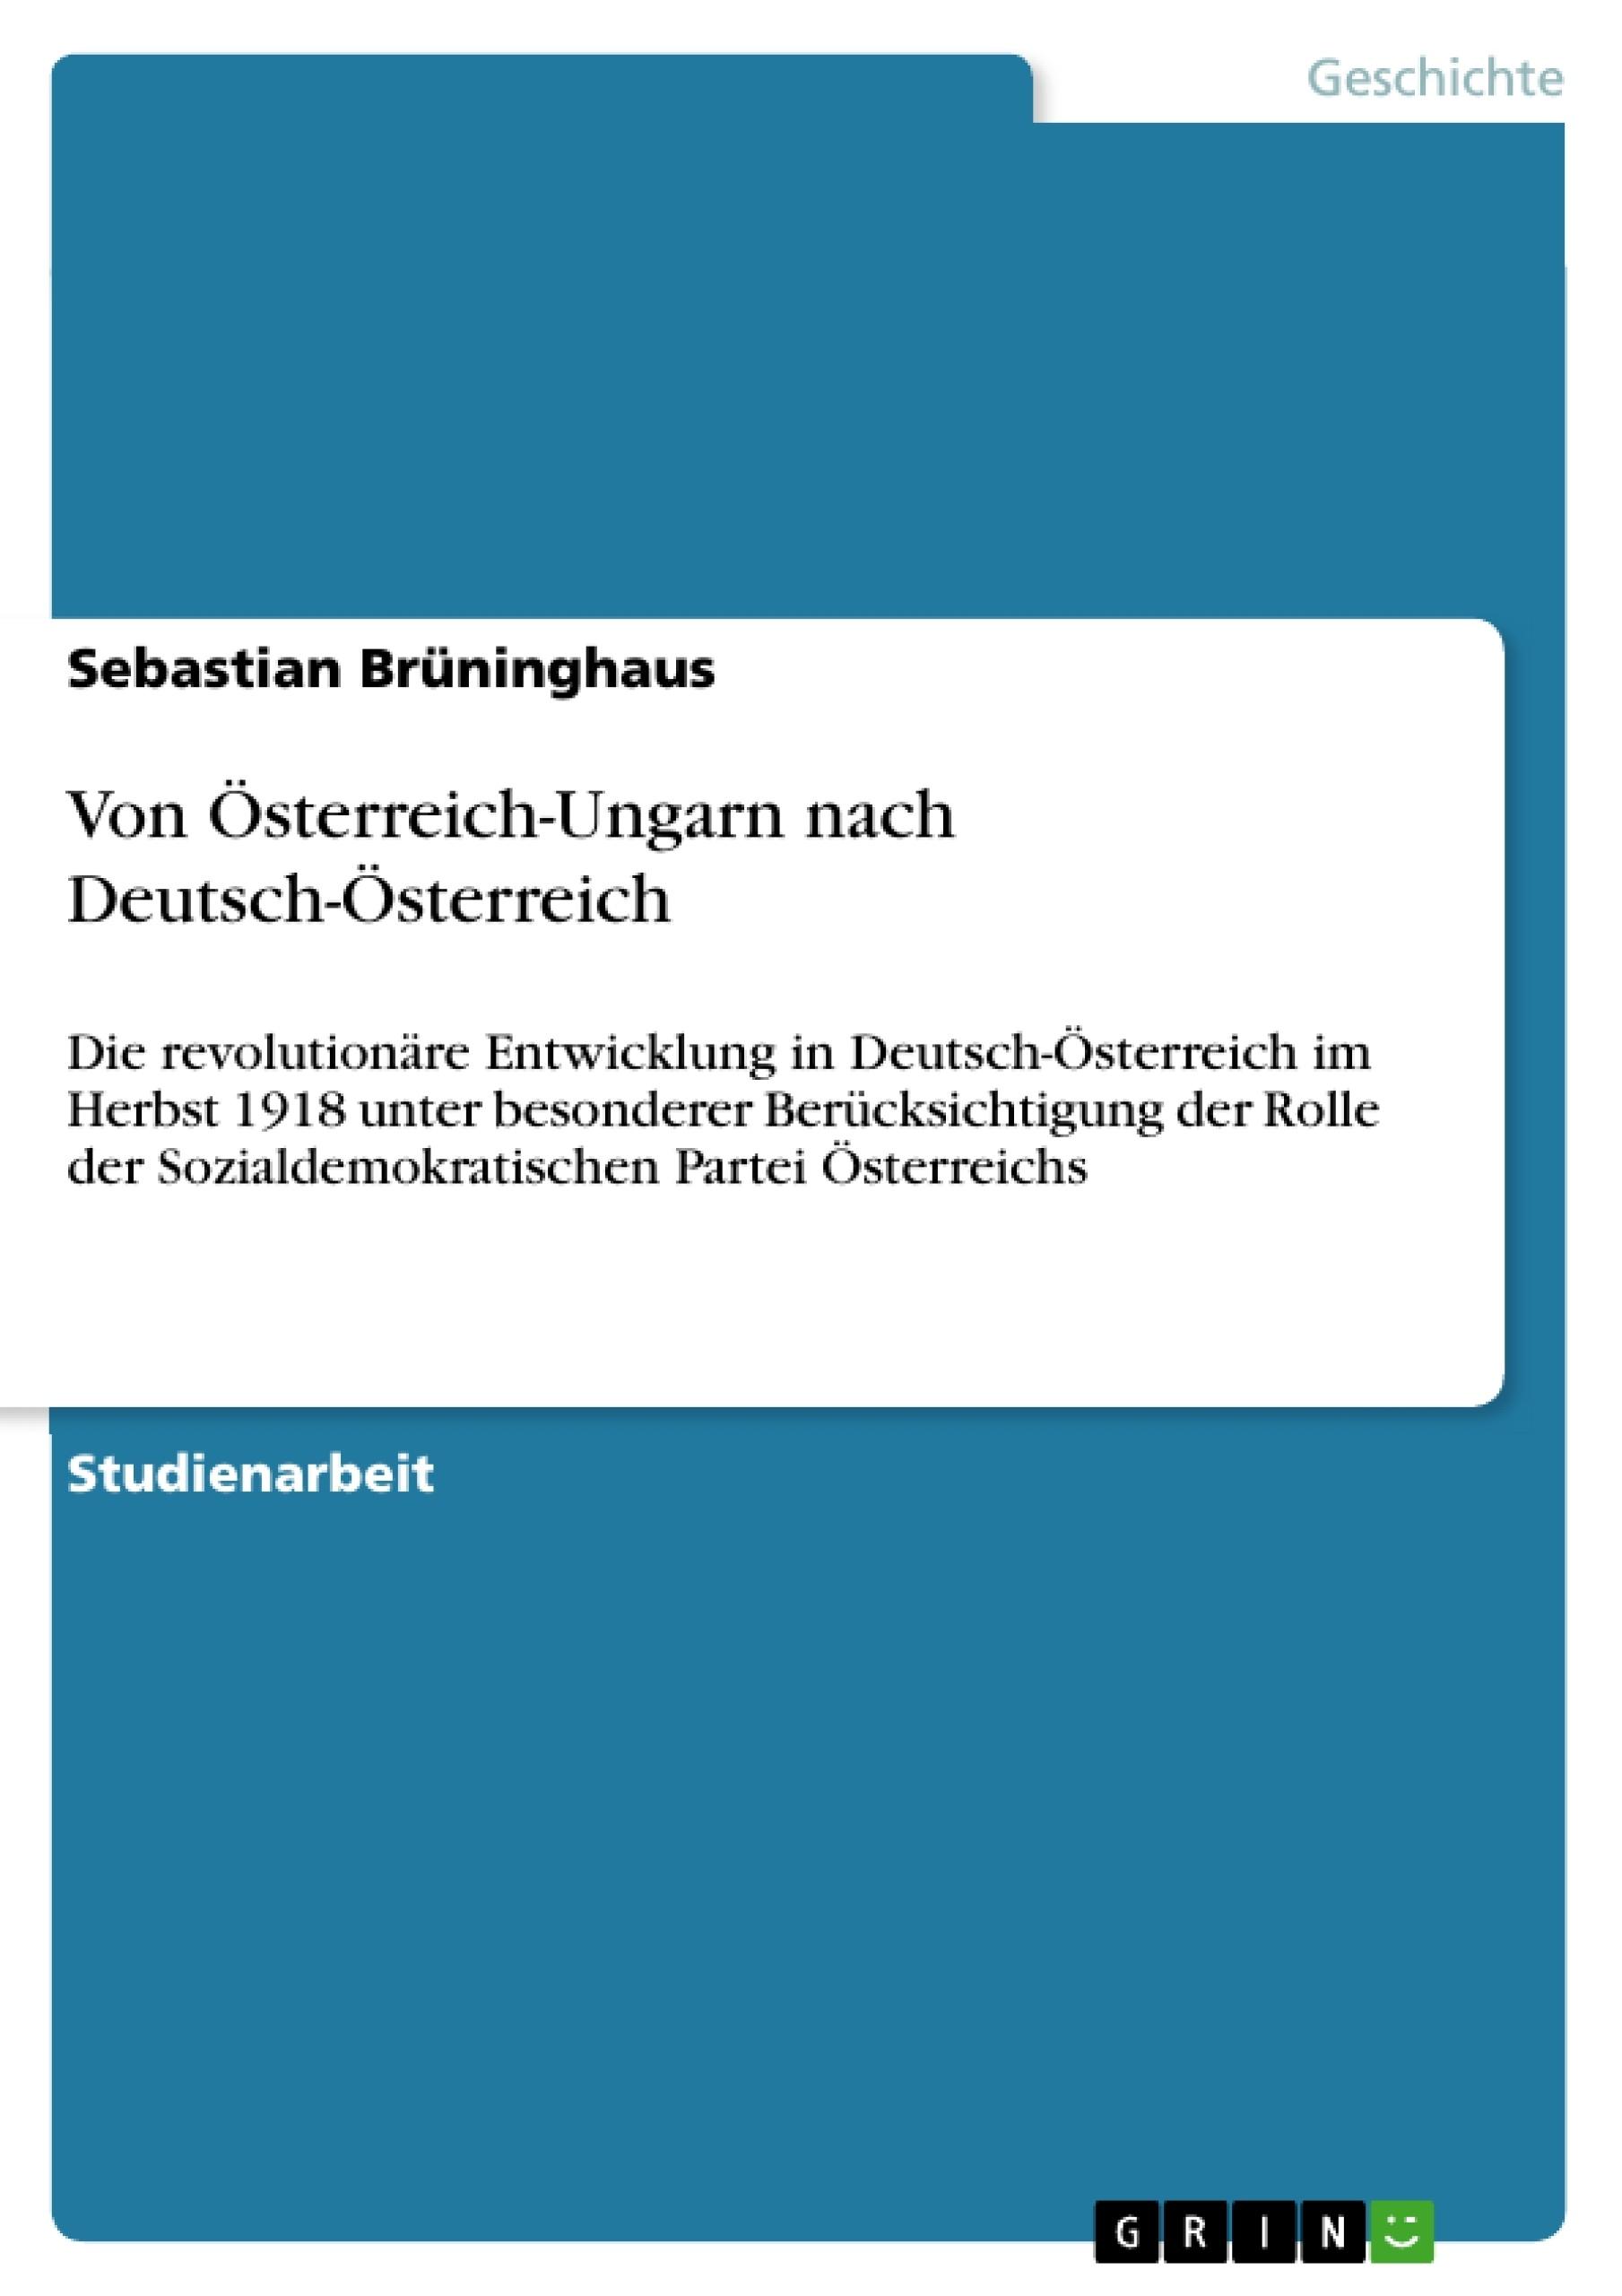 Titel: Von Österreich-Ungarn nach Deutsch-Österreich